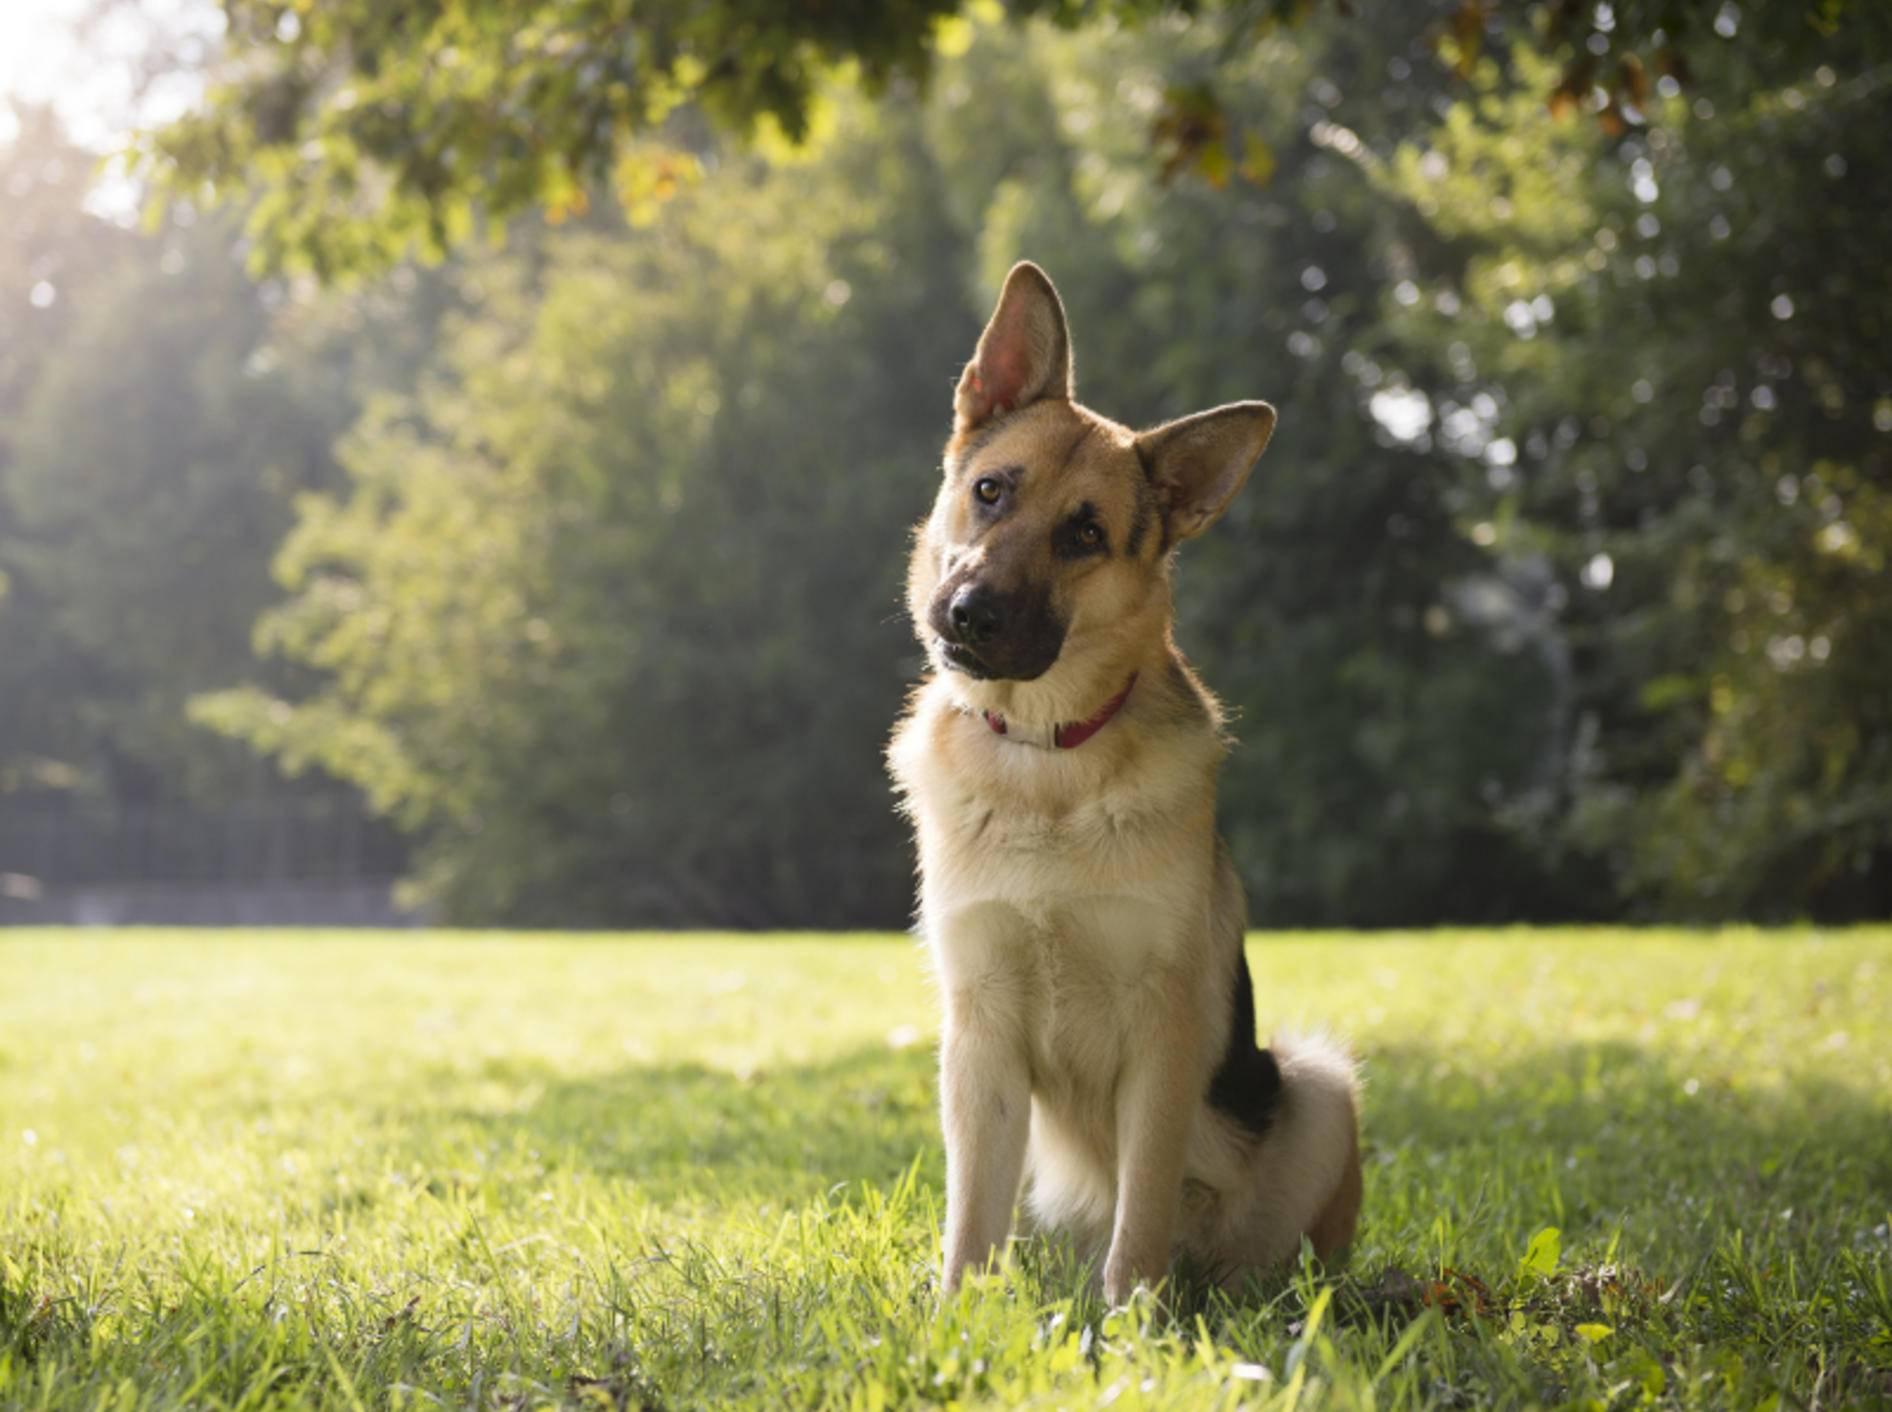 Will er Interesse bekunden, besser hören oder besser sehen? Warum Hunde ihre Köpfe schief legen, ist nicht eindeutig geklärt – Shutterstock / Diego Cervo